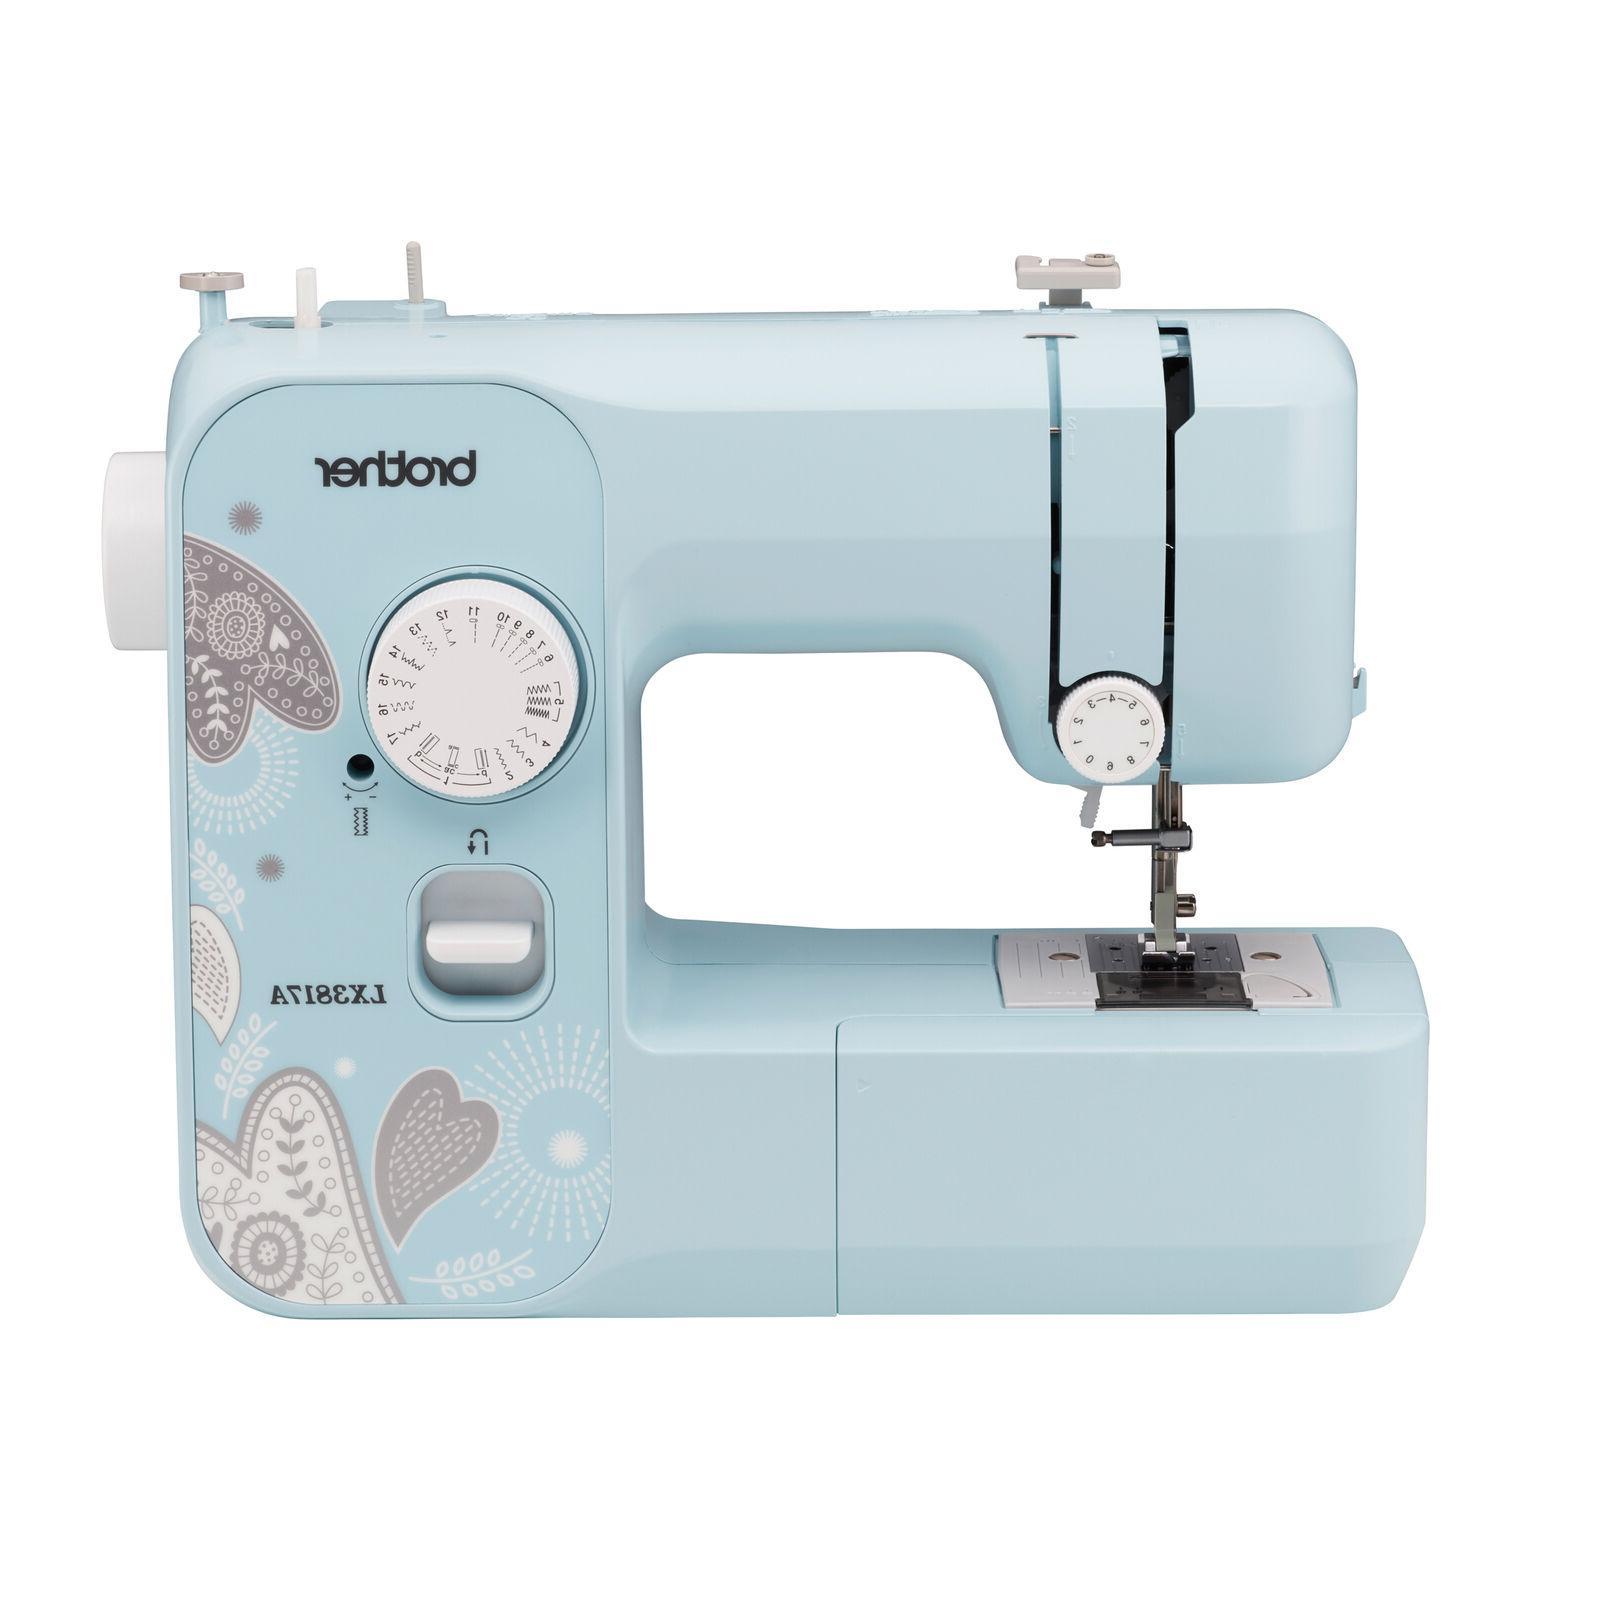 new full size sewing machine 17 stitch